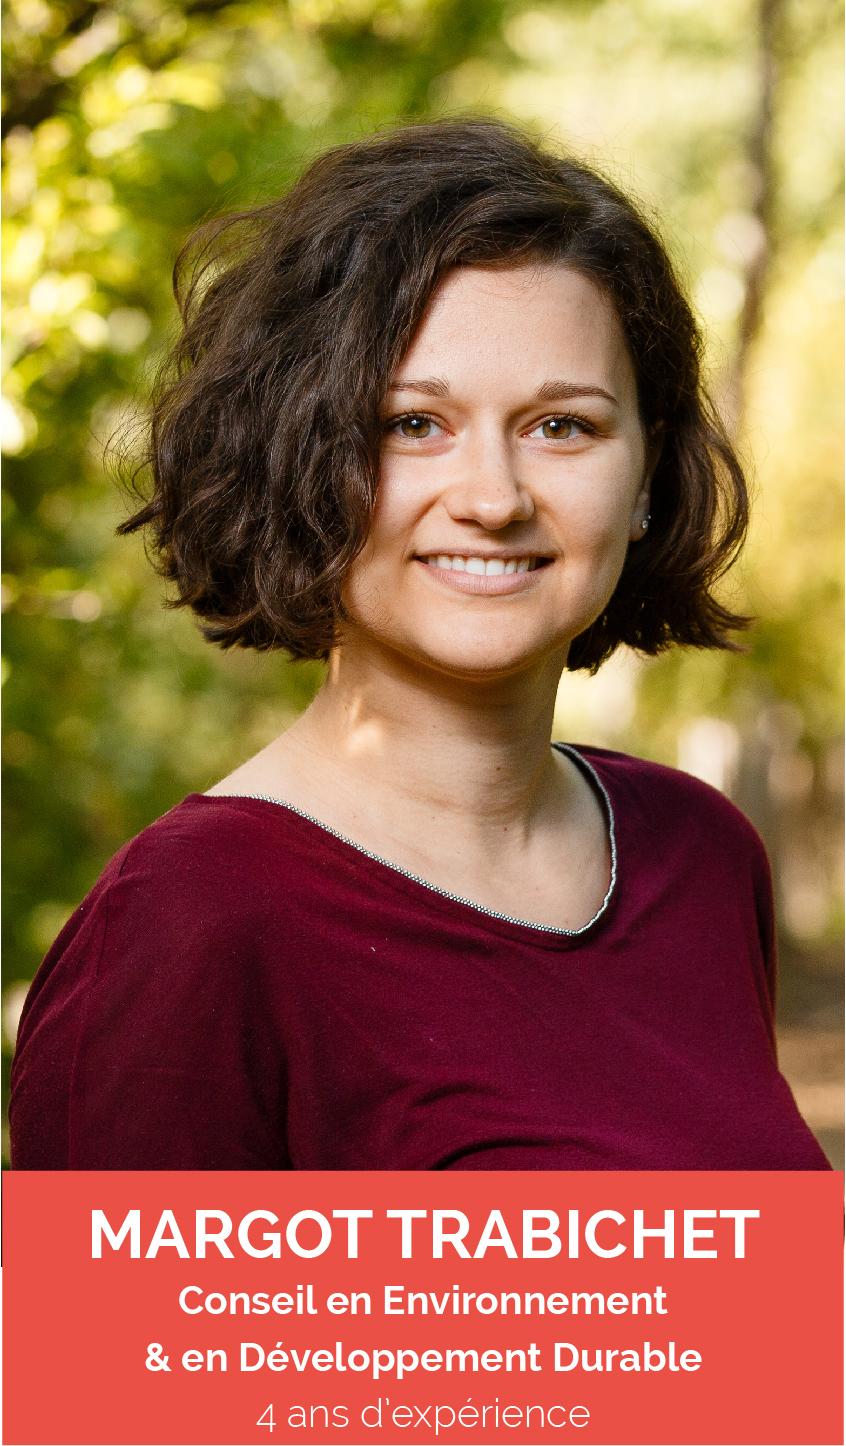 Margot Trabichet conseillère en environnement et développement durable